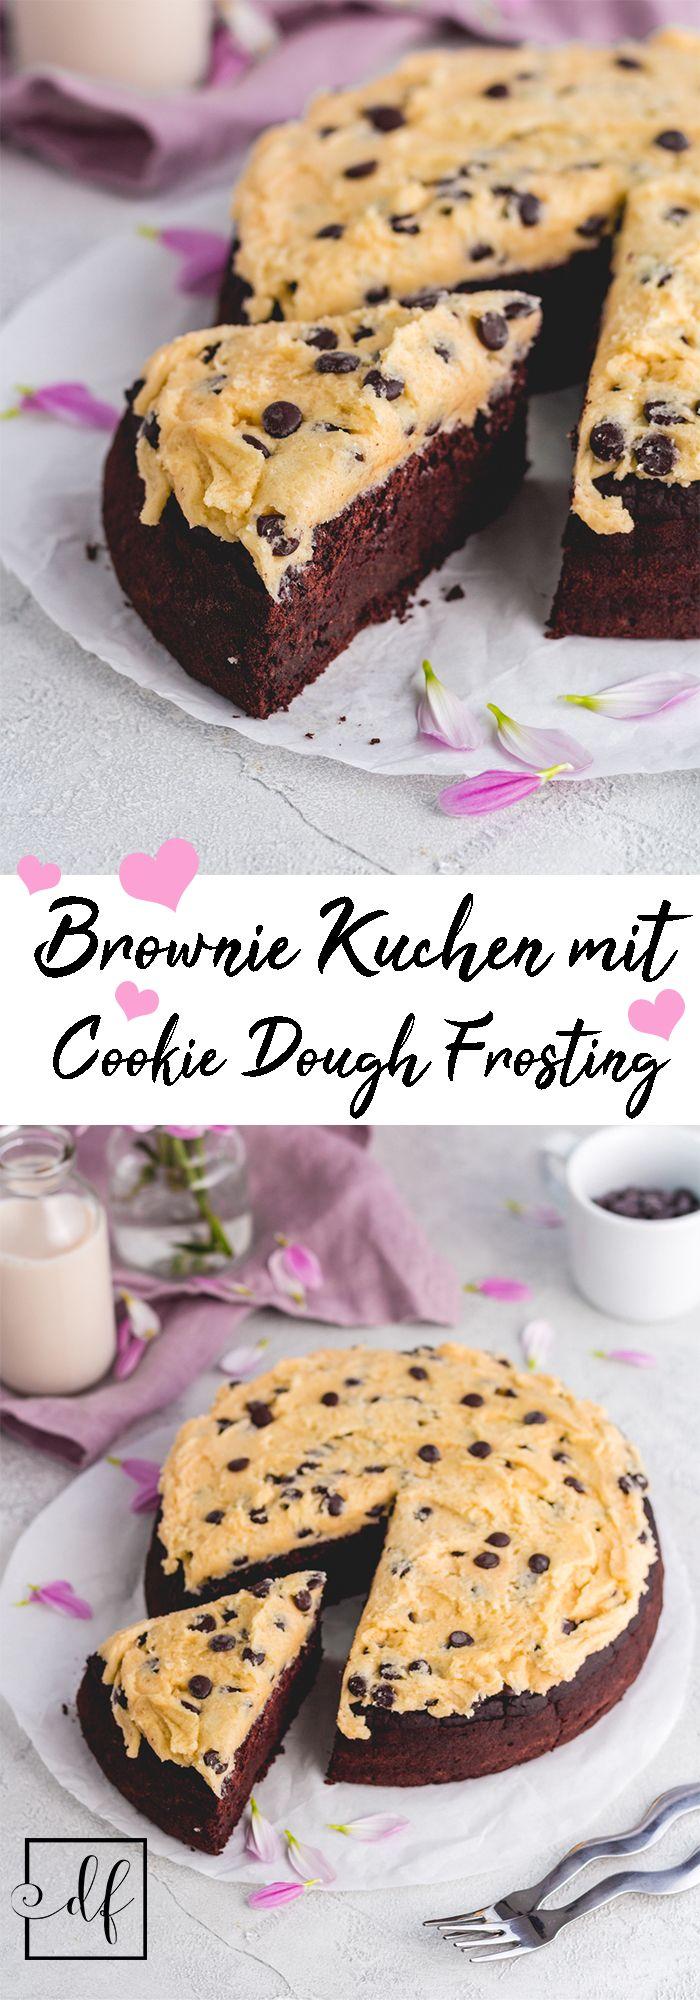 Der saftigste gesunde & vegane Brownie Kuchen mit Cookie Dough Frosting 😍